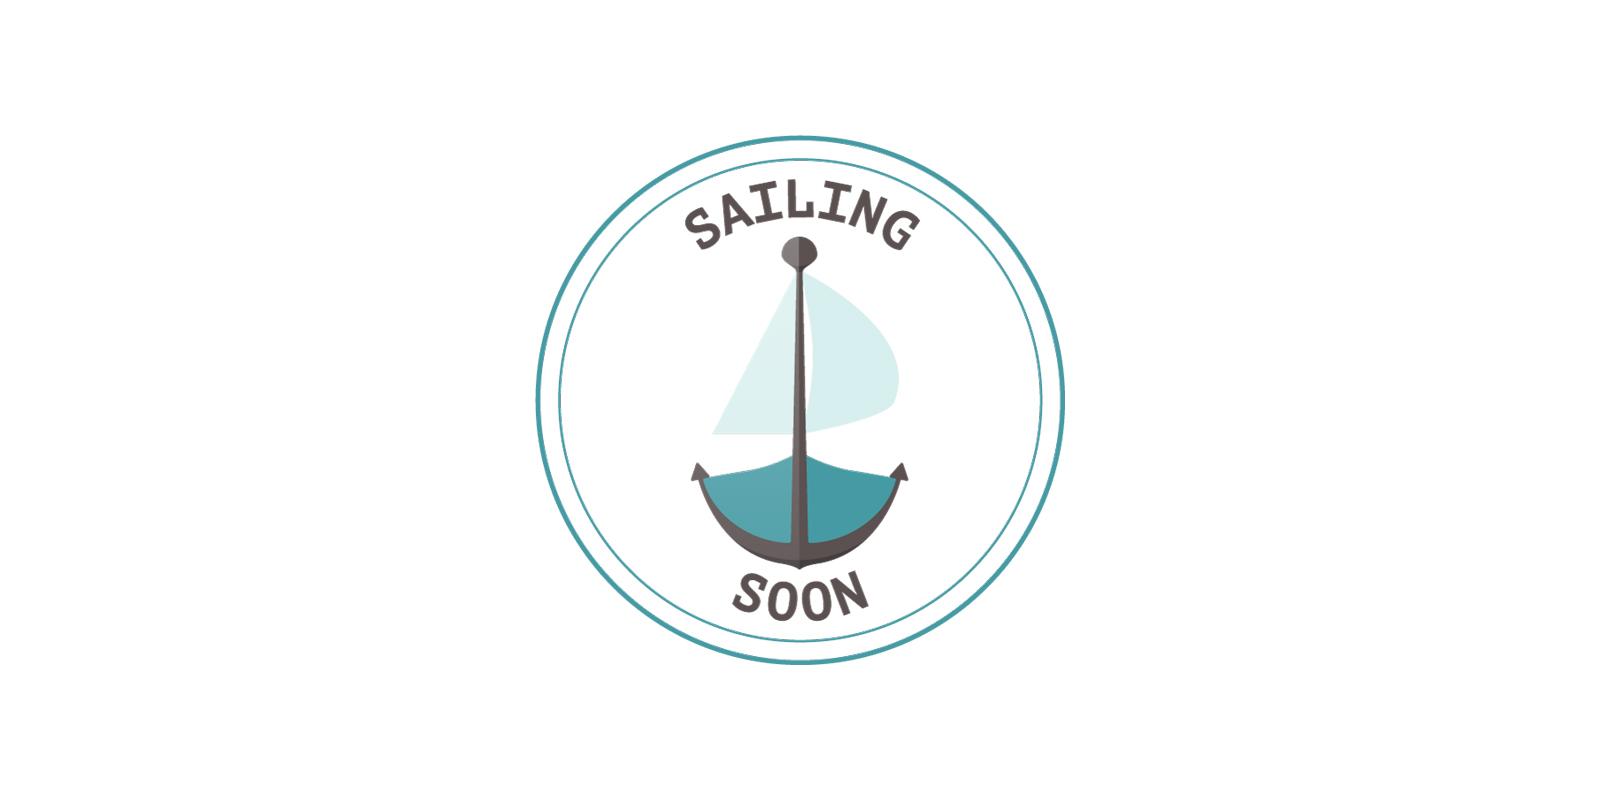 Sailing_Soon_final